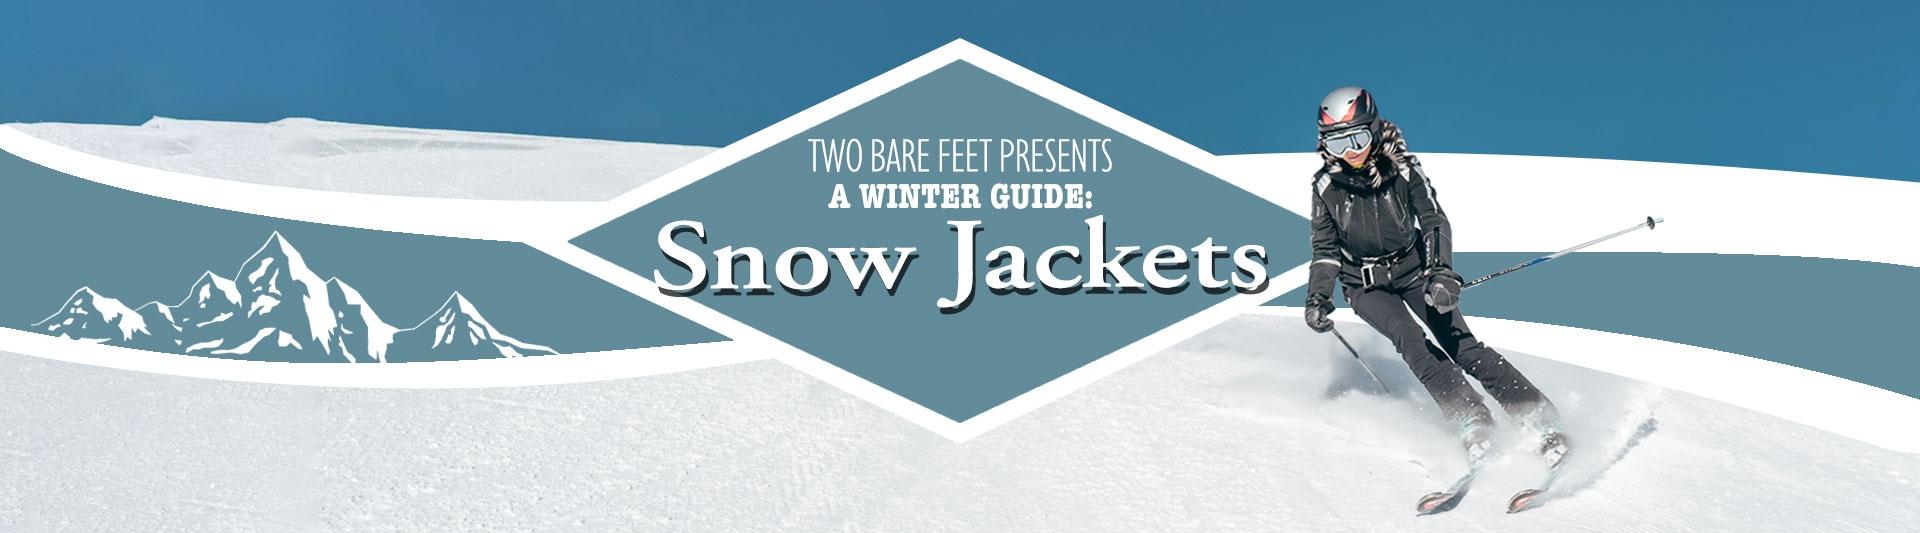 Women's ski jackets banner